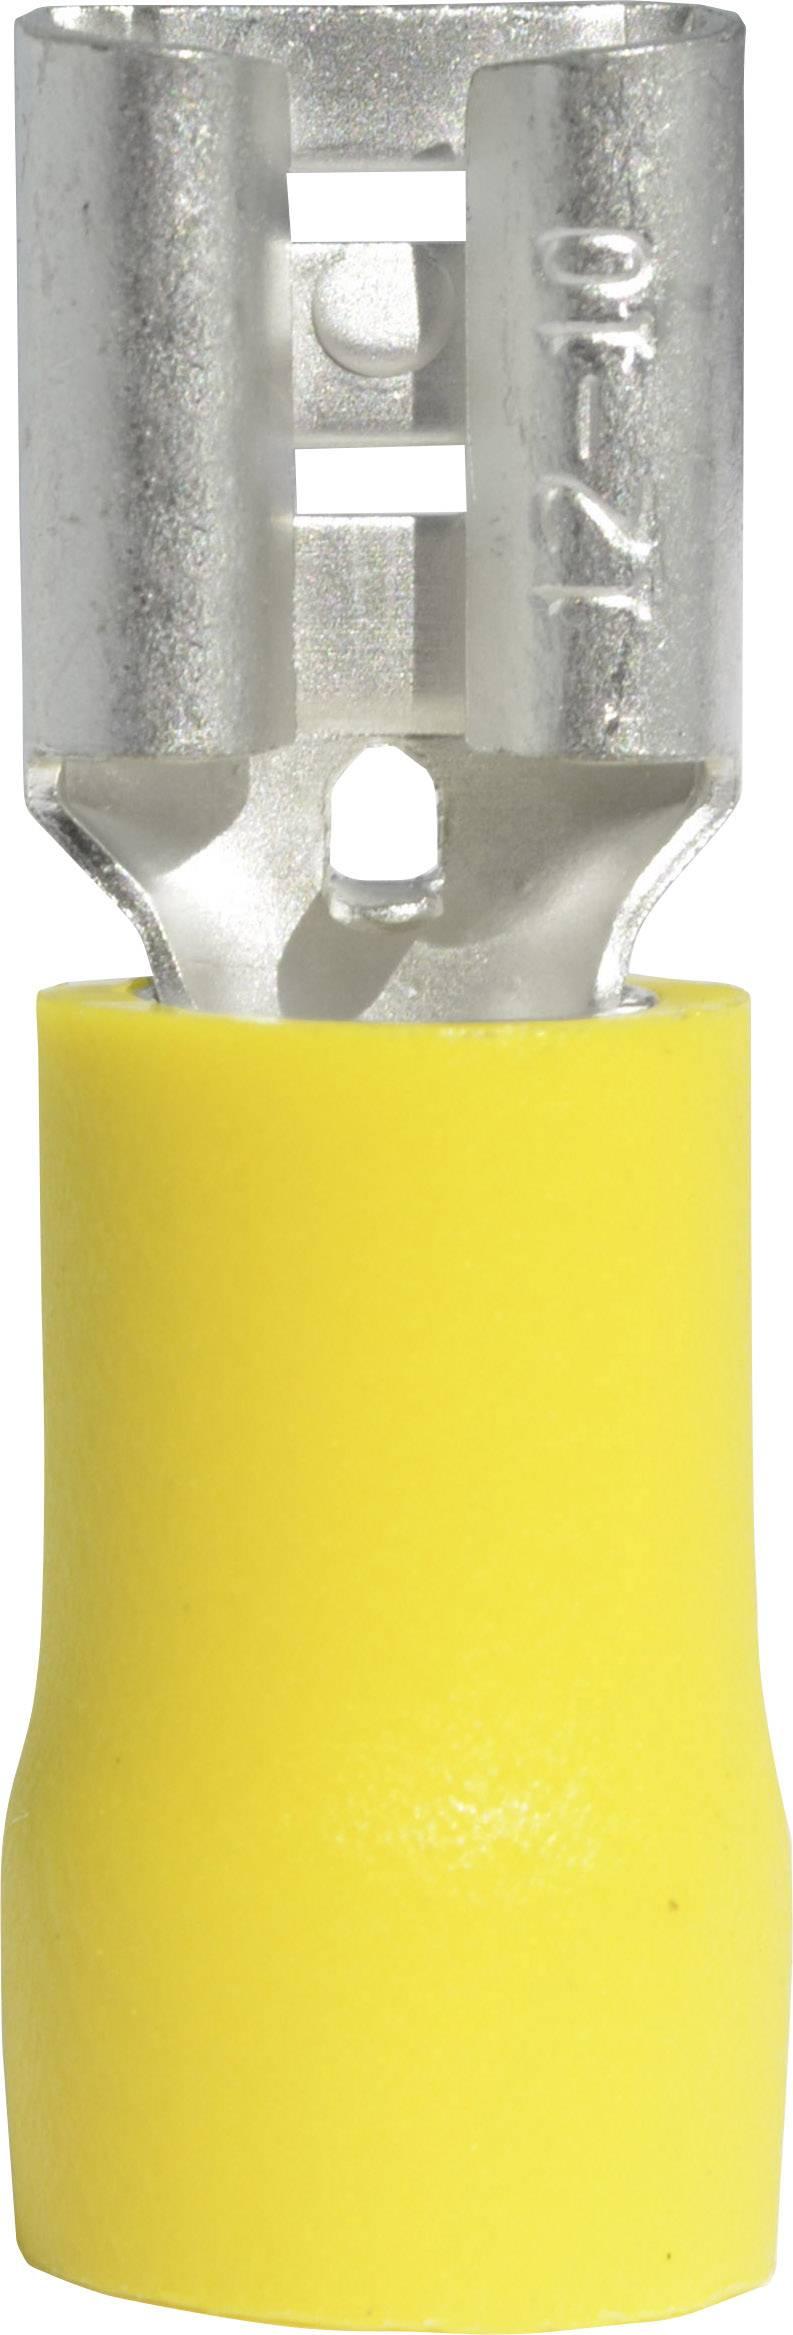 Faston konektor zásuvka Vogt Verbindungstechnik 3907S 6.3 mm x 0.8 mm, 180 °, čiastočne izolované, žltá, 1 ks